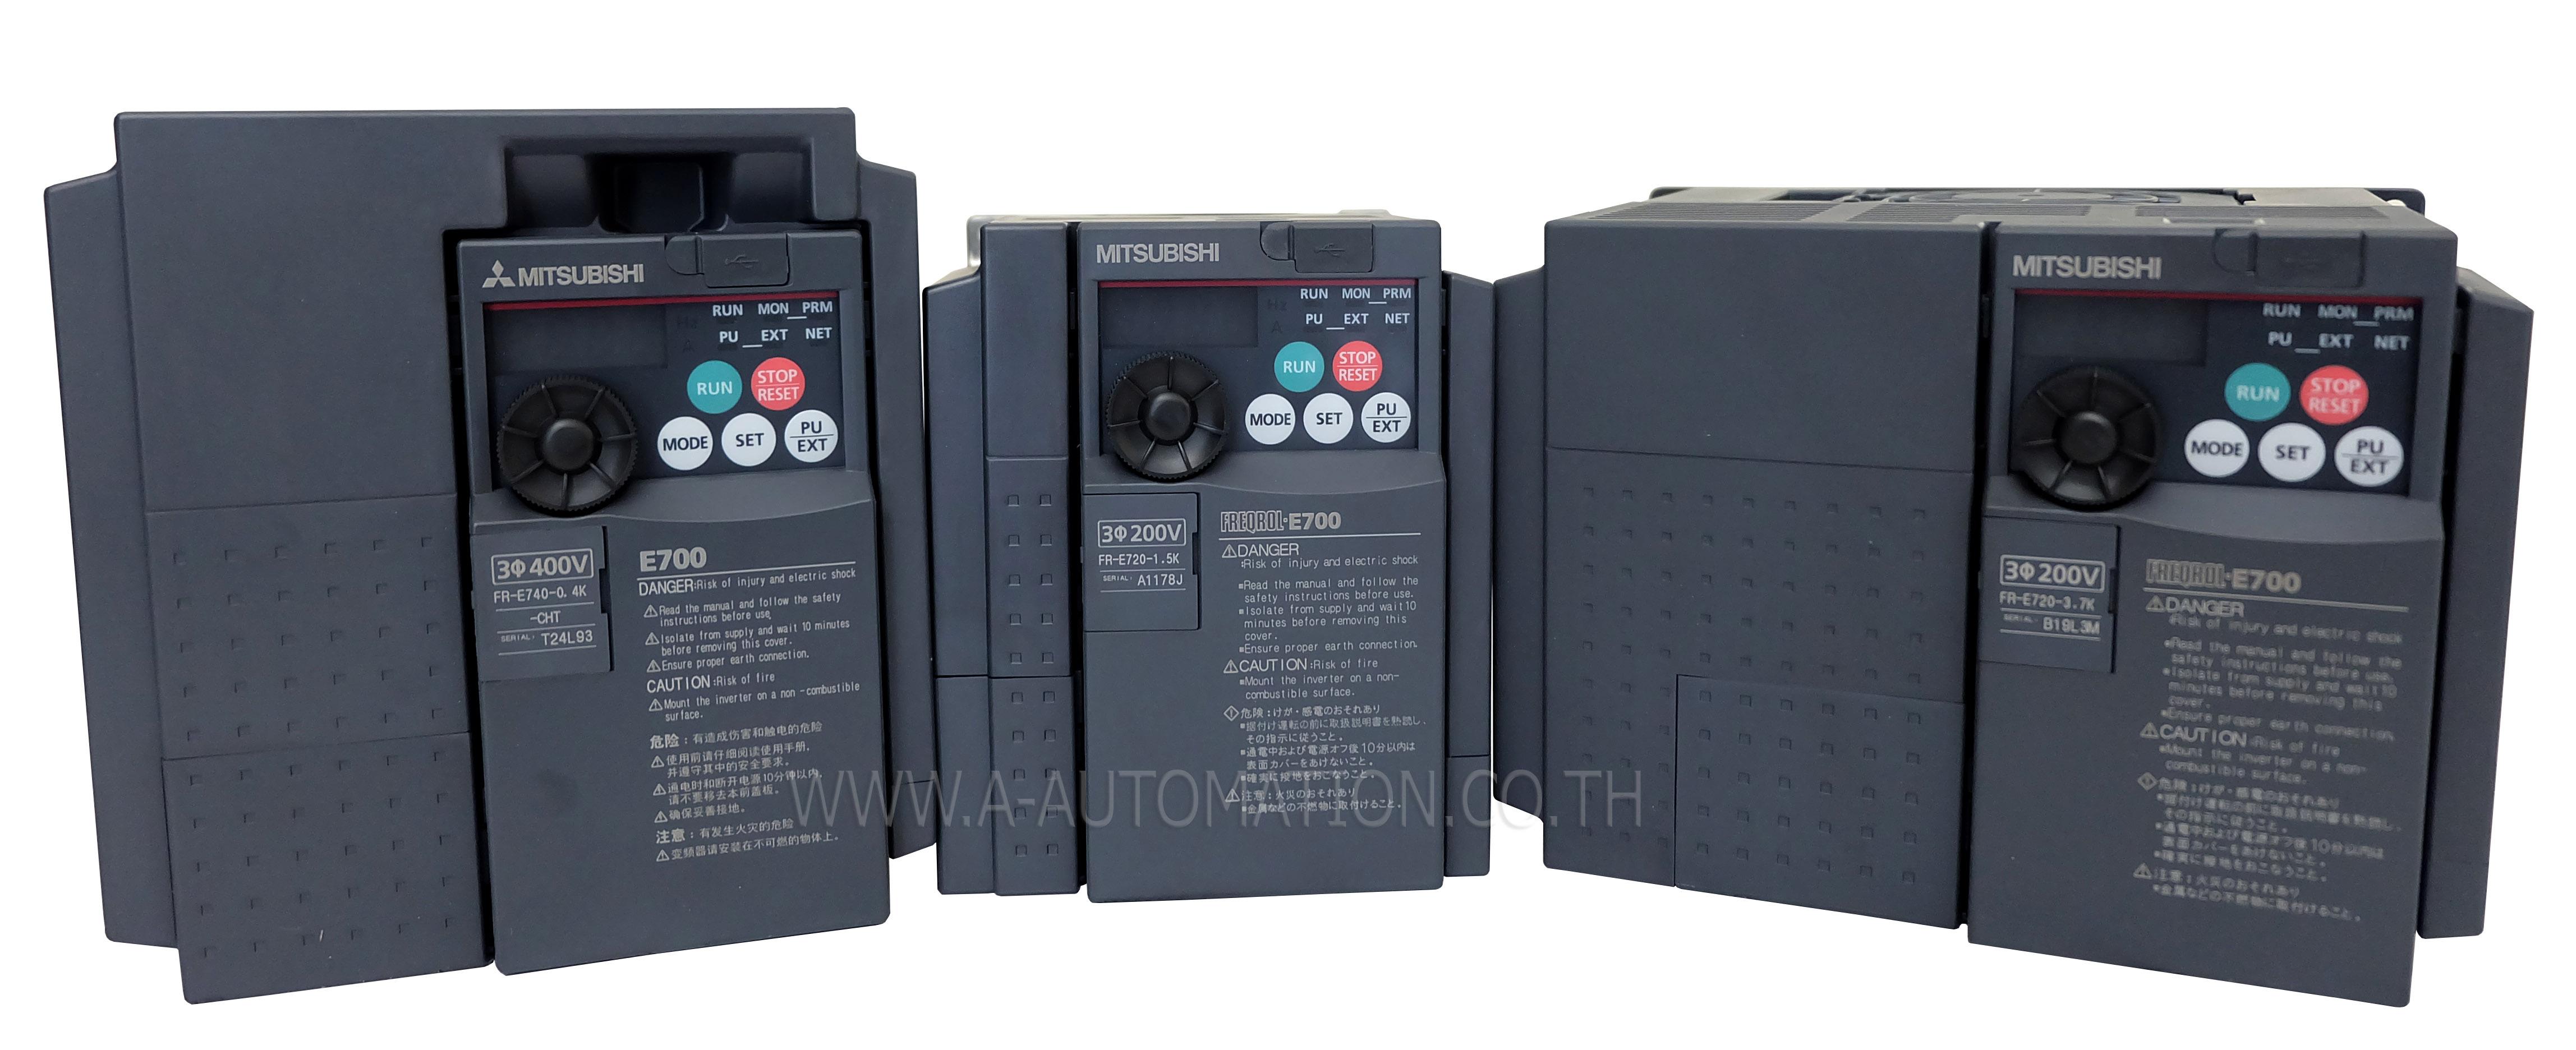 lanh conditioner inverter sang en mitsubishi may air trong heavy